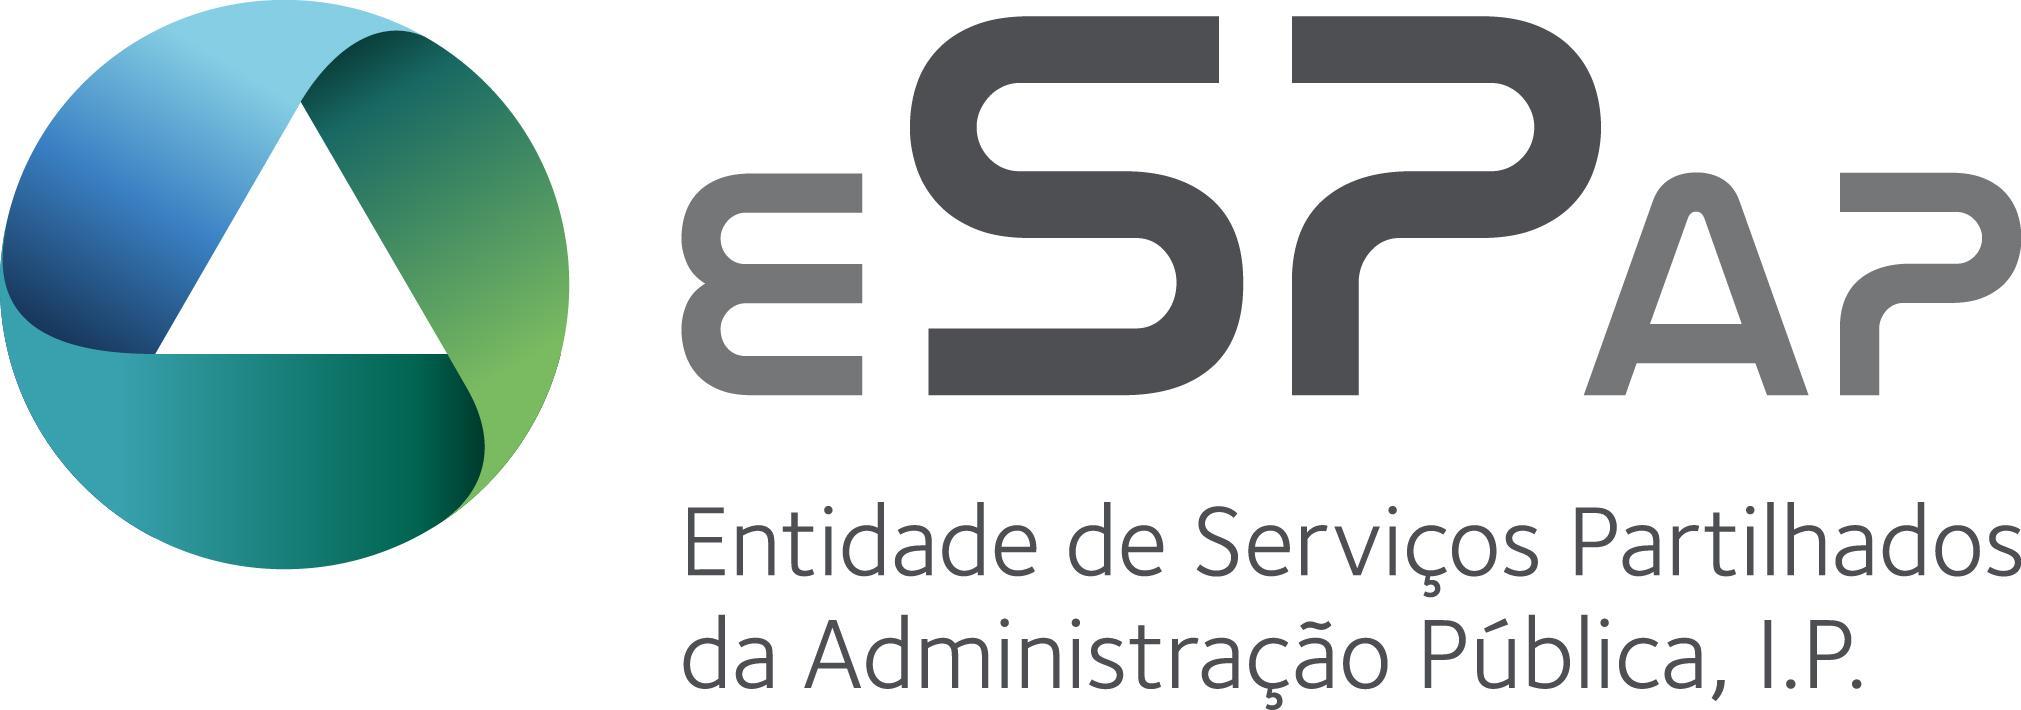 Logotipo Entidade de Serviços Partilhados da Administração Pública